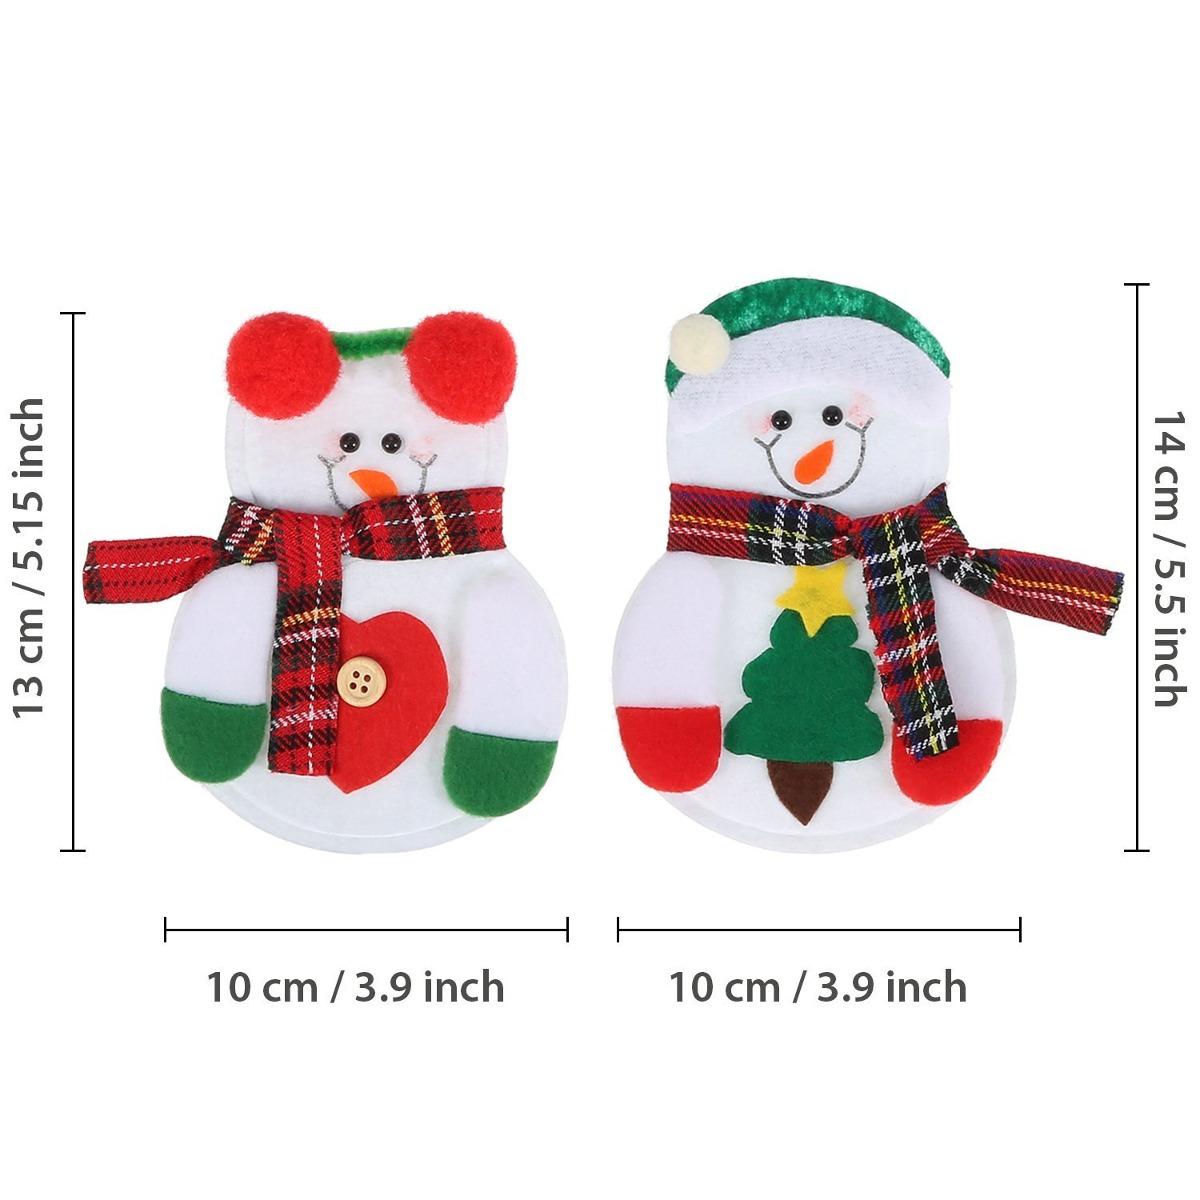 Pangda 12 Piezas Muñecos De Nieve De Navidad Cubiertos De Ho ...